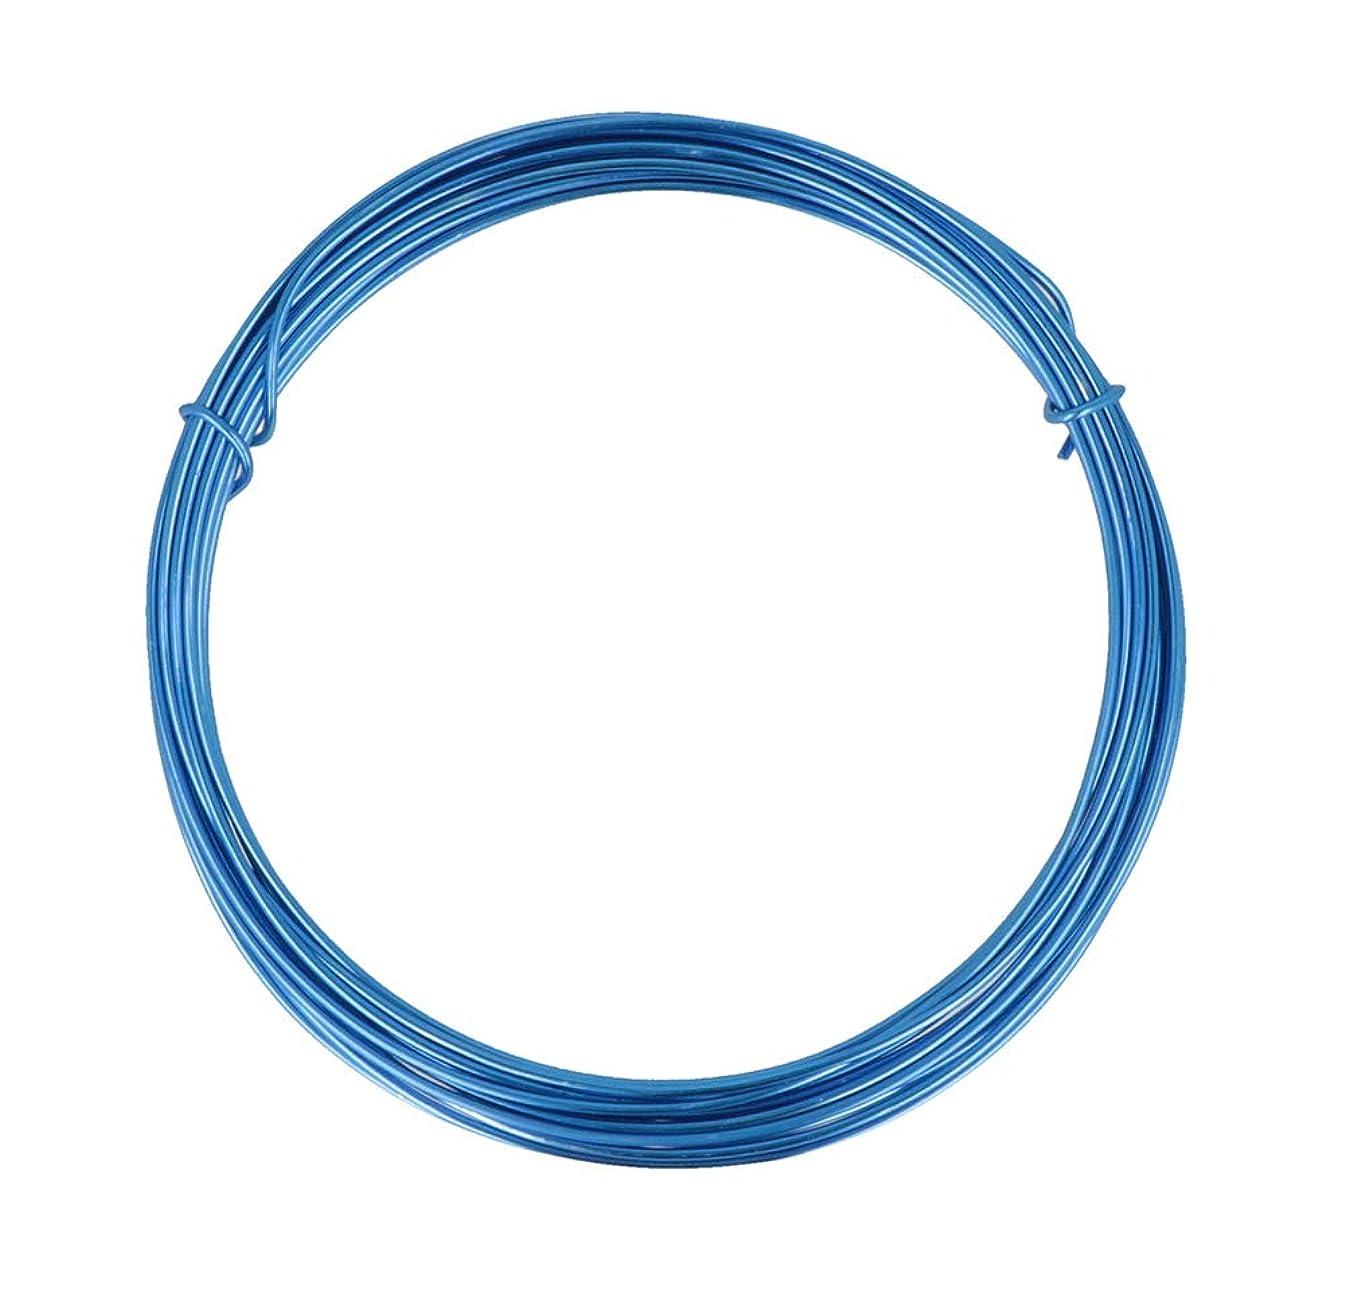 Artemio 5 m x 1.5 mm Aluminium Wire, Blue